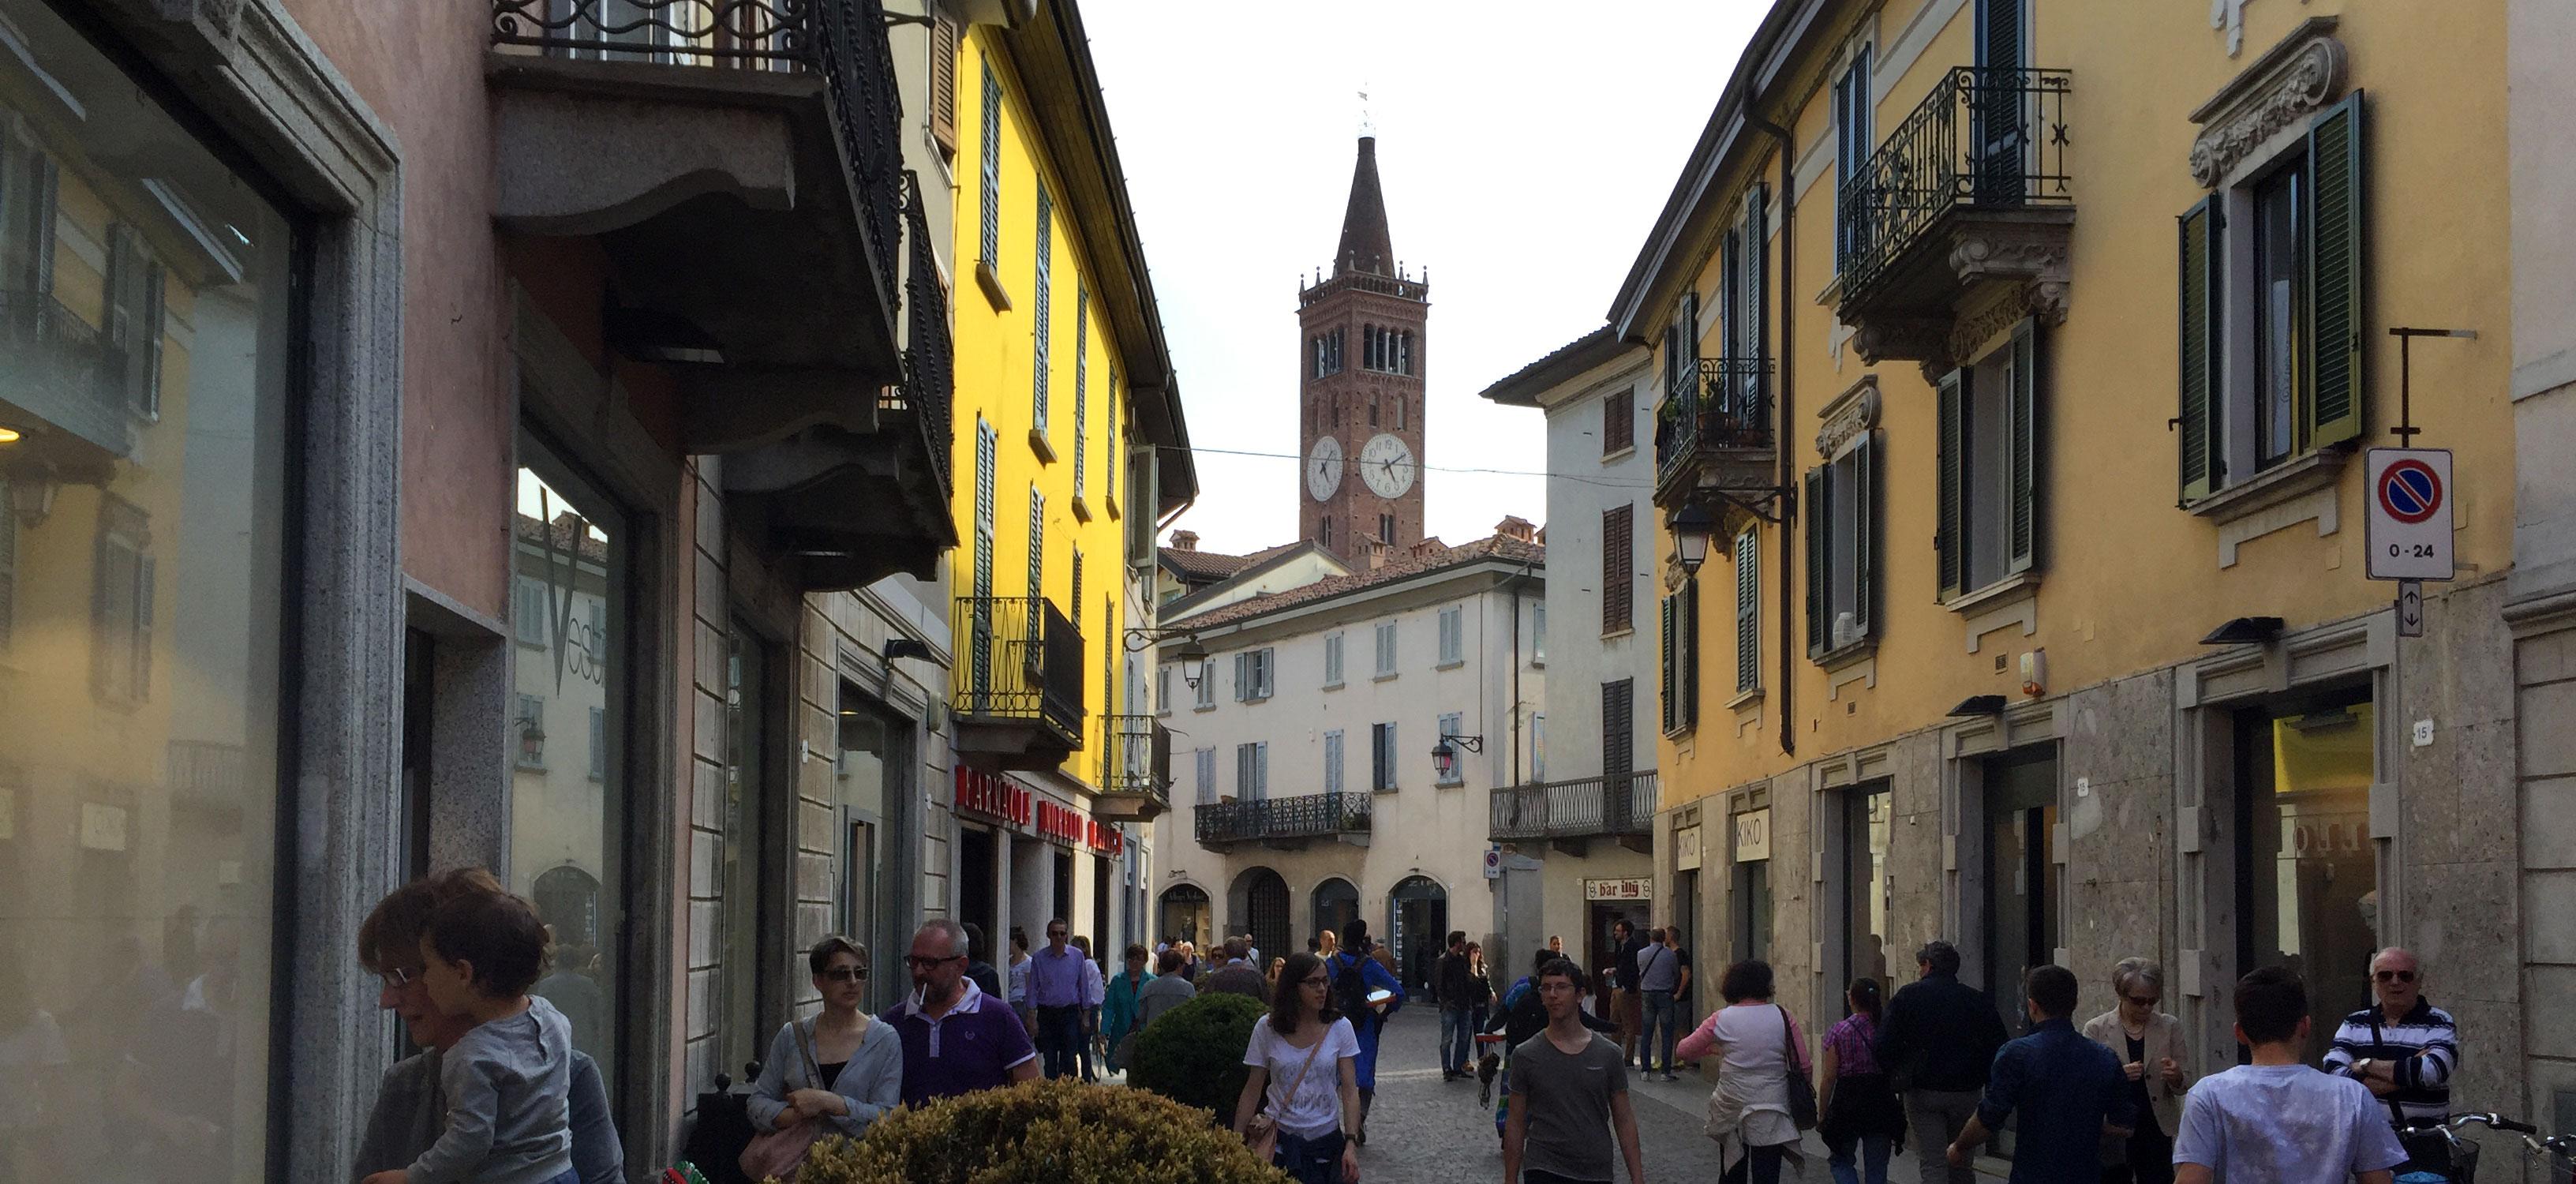 City of Treviglio